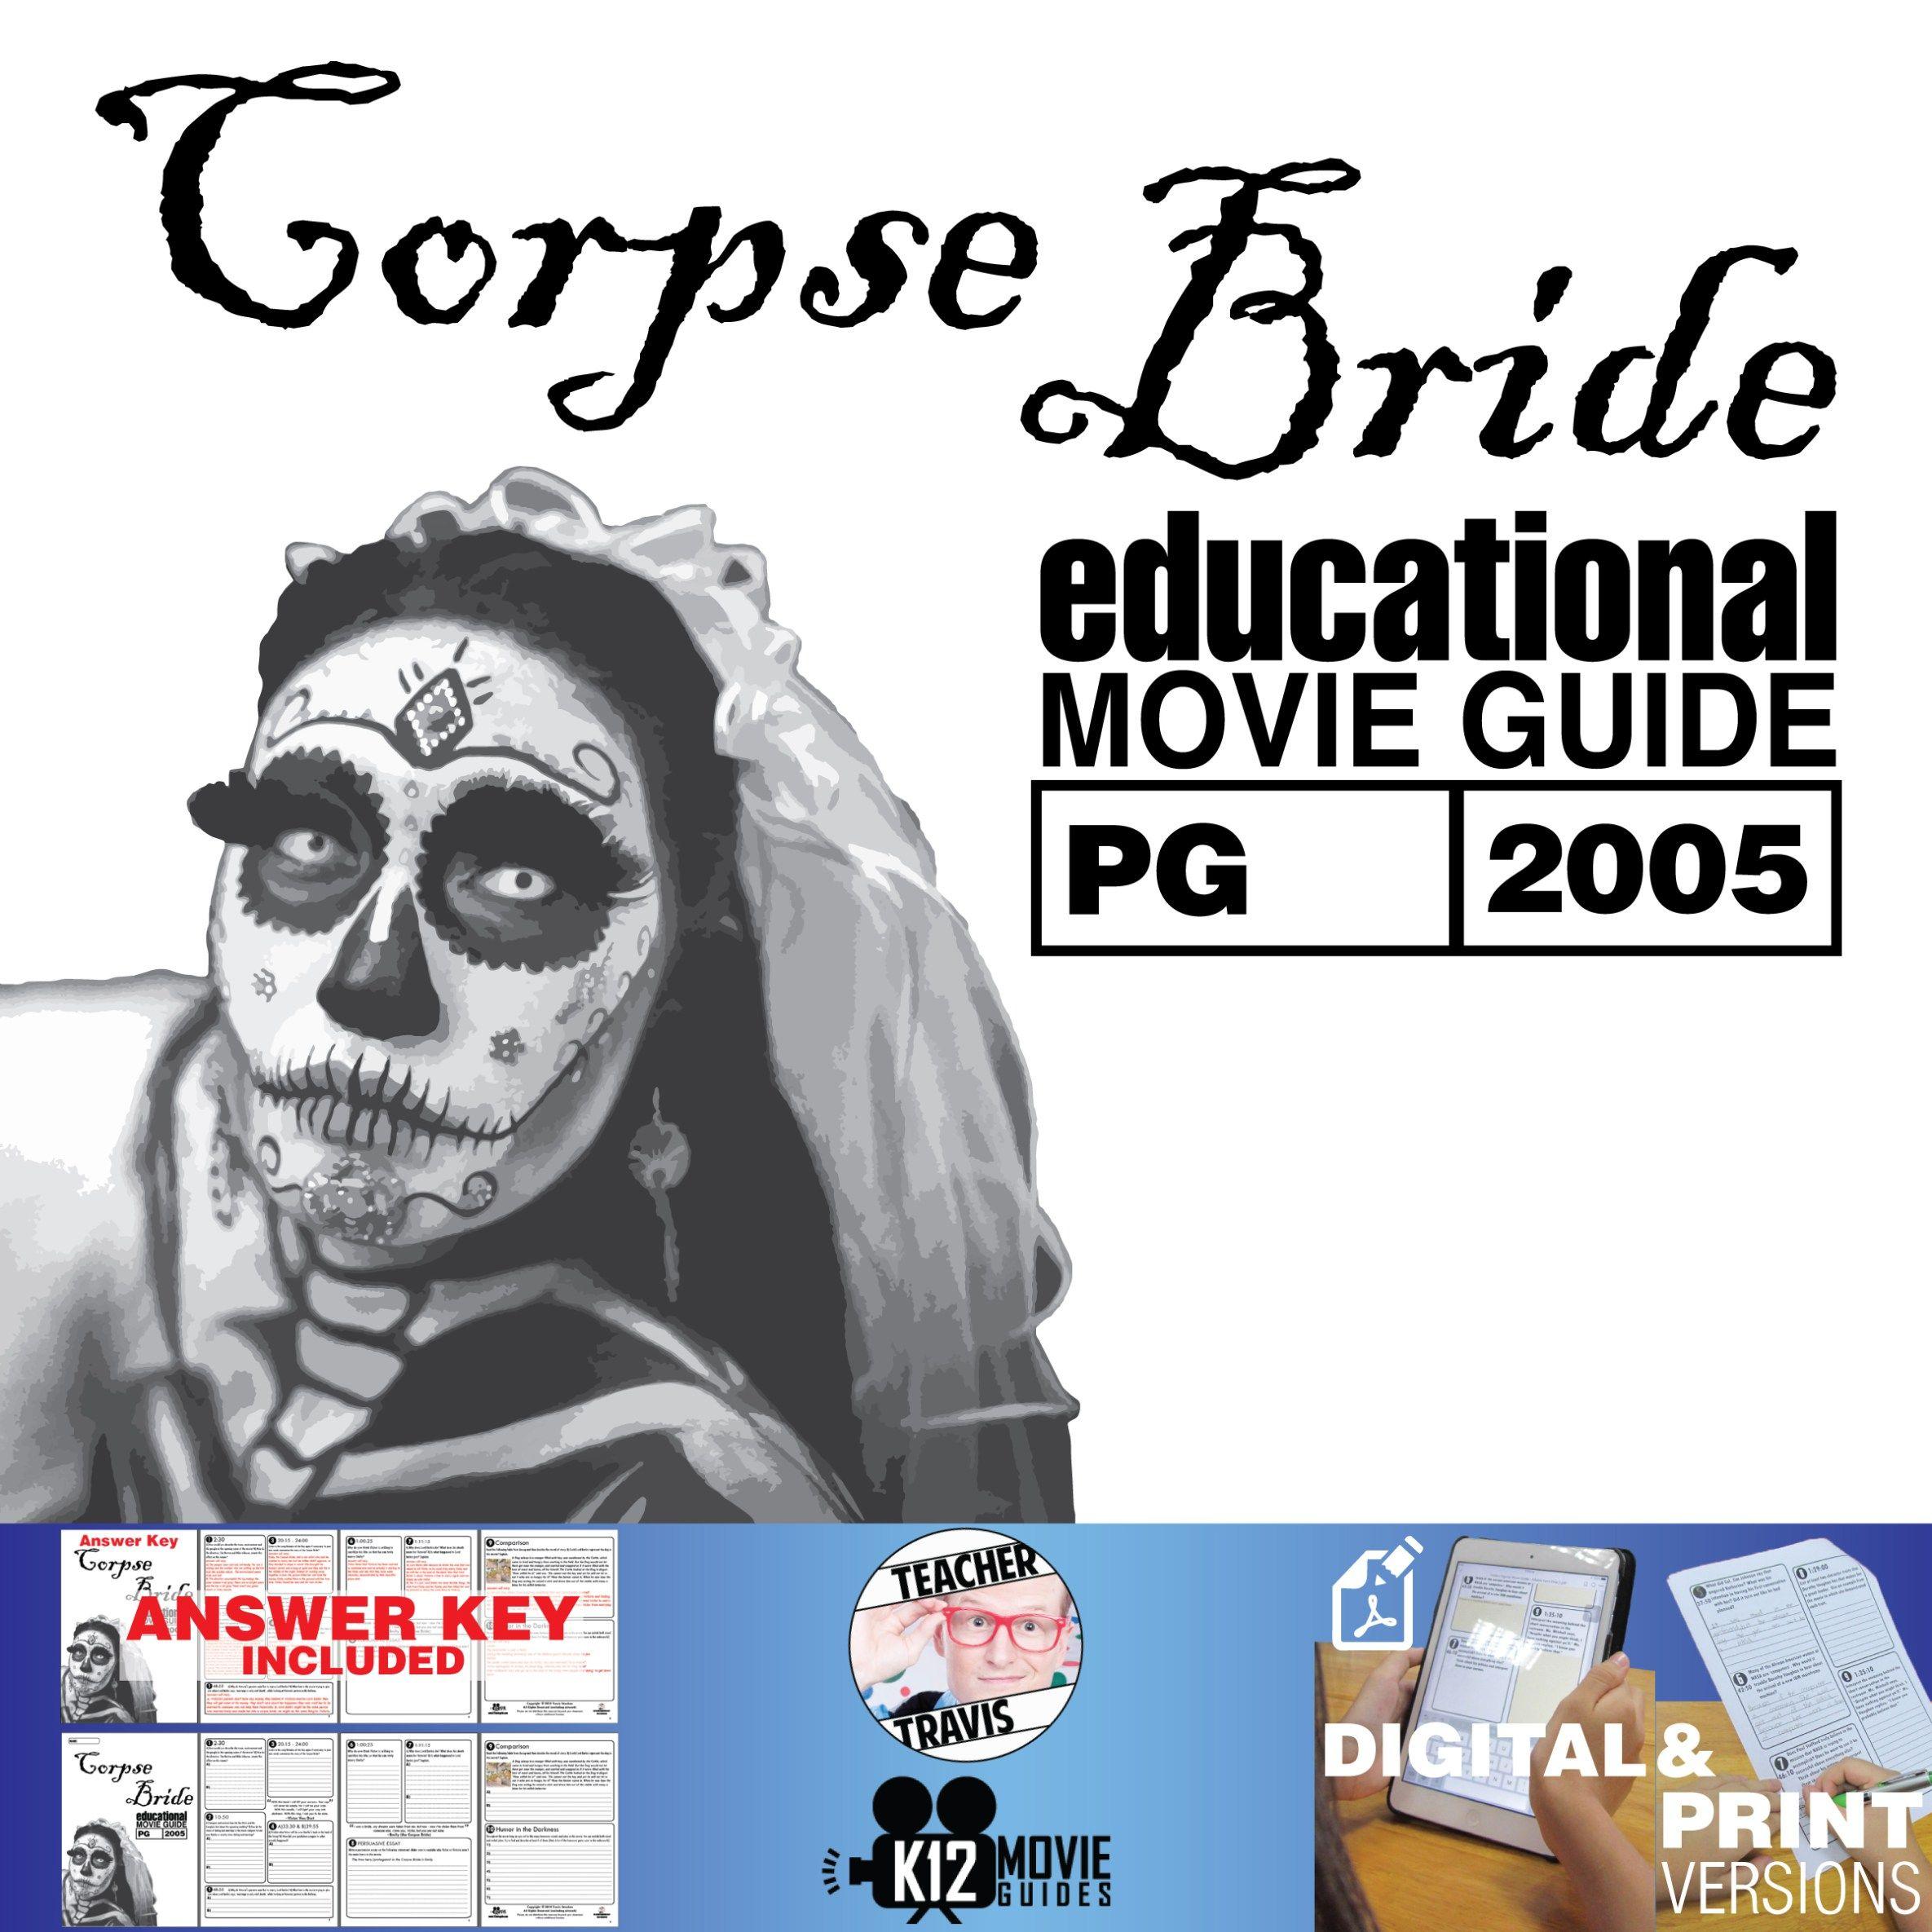 Corpse Bride Movie Guide